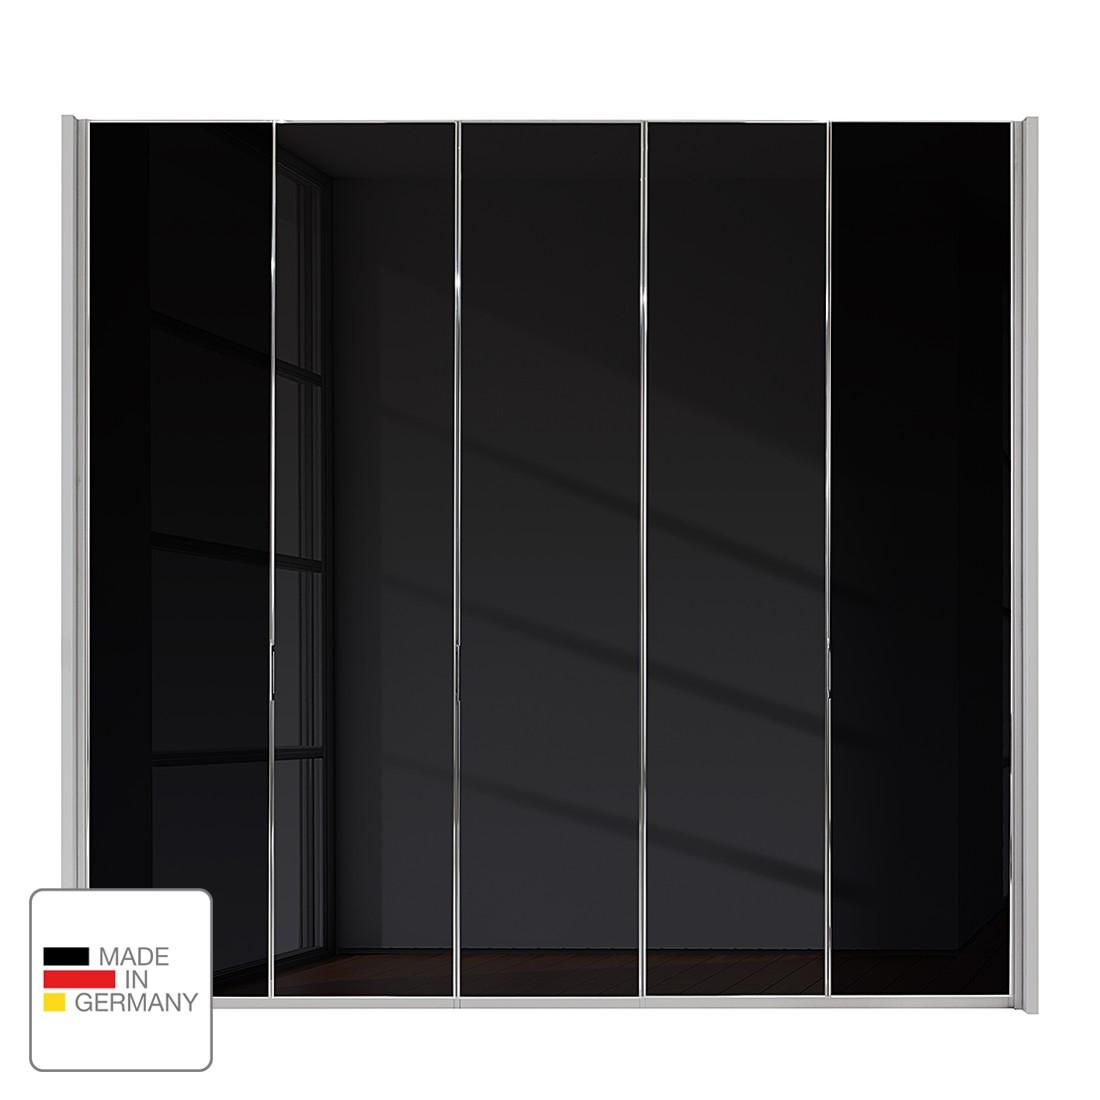 Drehtürenschrank Amsterdam – Silber/Graphit – Ohne Beleuchtung – 350 cm (7-türig) – 216 cm – 7 Glastüren, Althoff kaufen